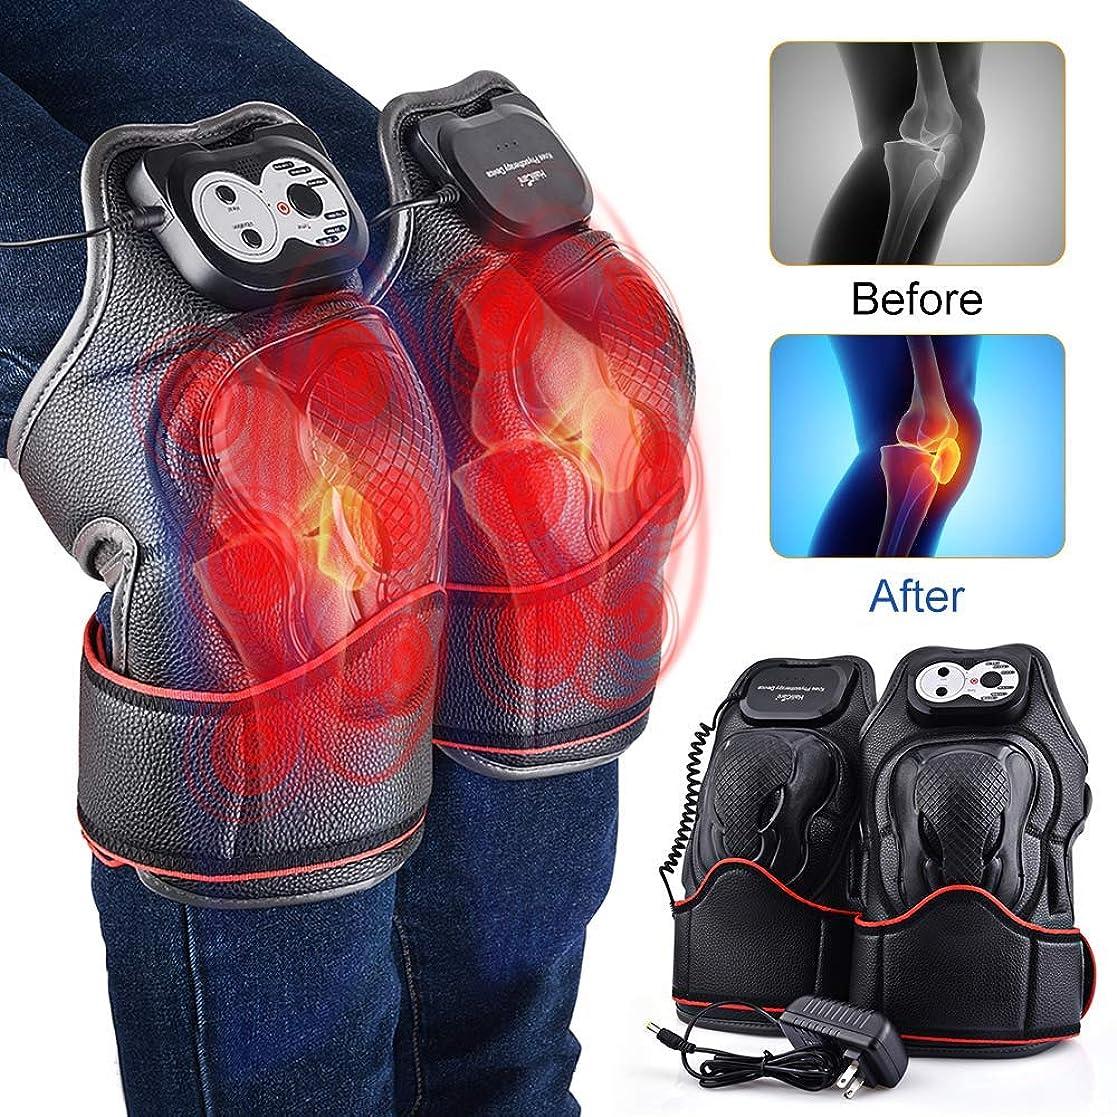 文法検閲銀河膝関節治療マッサージャー加熱と振動マッサージ膝と関節の痛みを緩和するマッサージャー